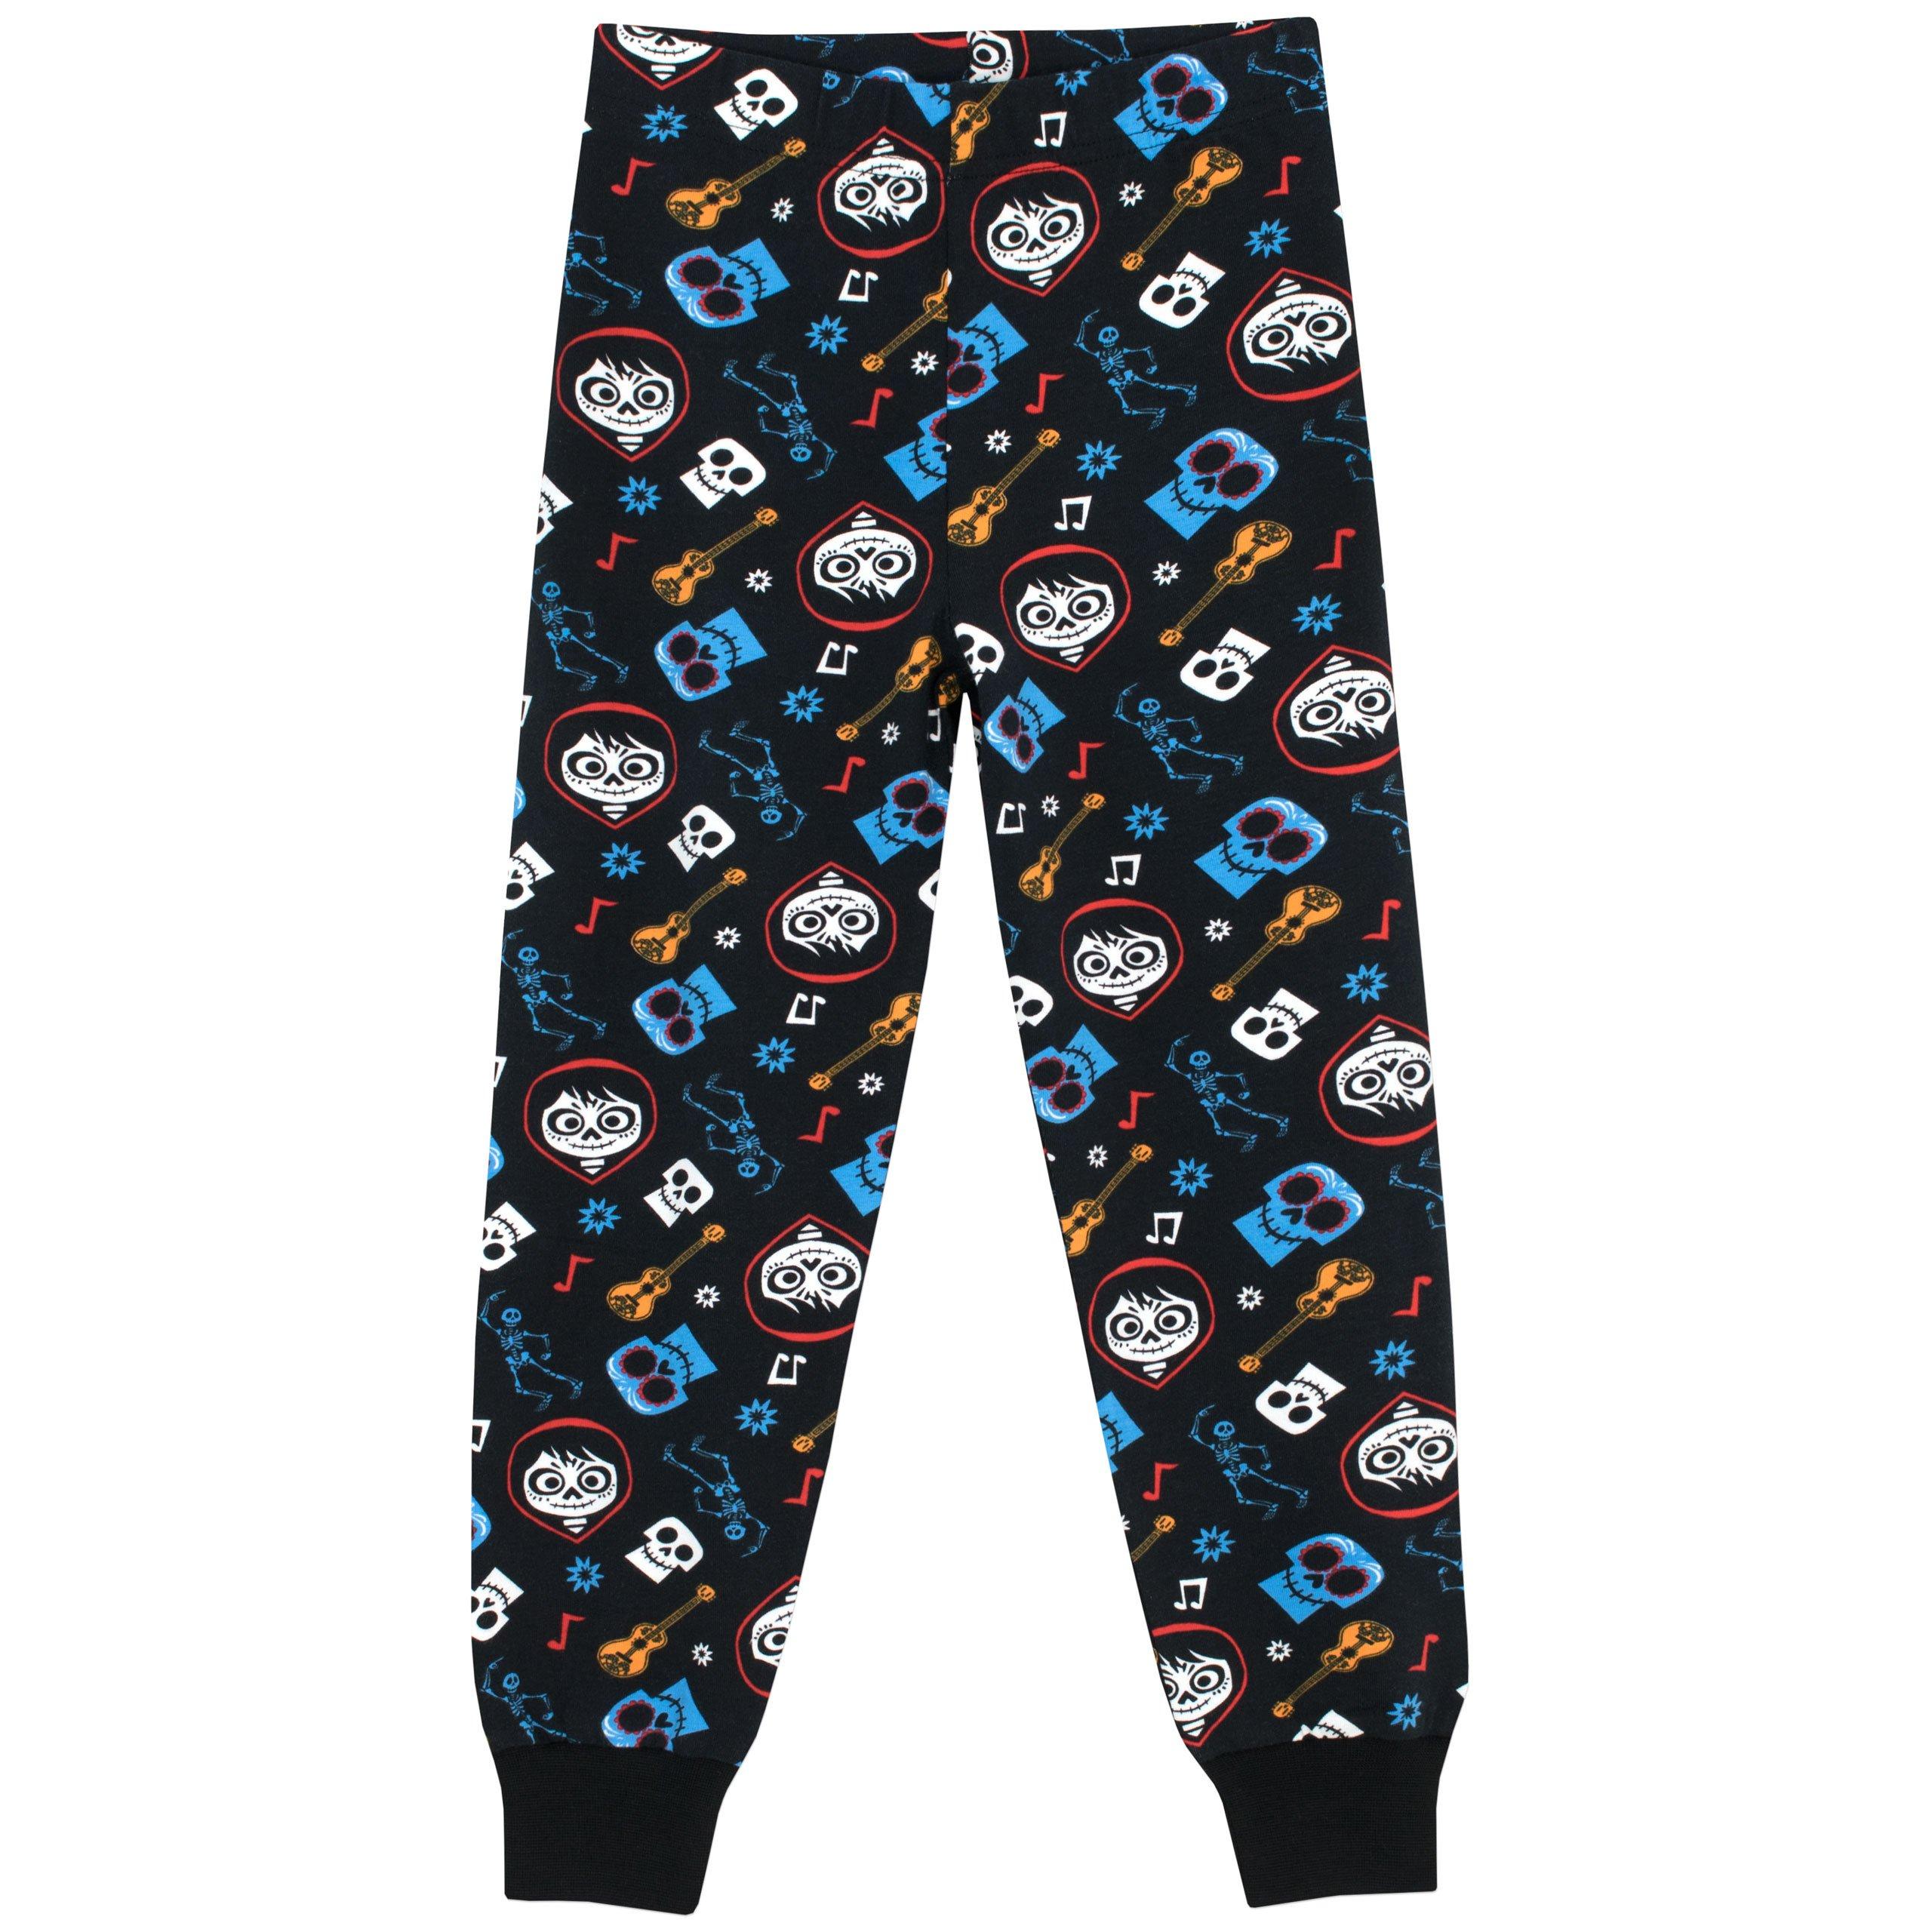 e463d417ae Disney - Pijama para Niños - Coco - Ajuste Ceñido - De Disney